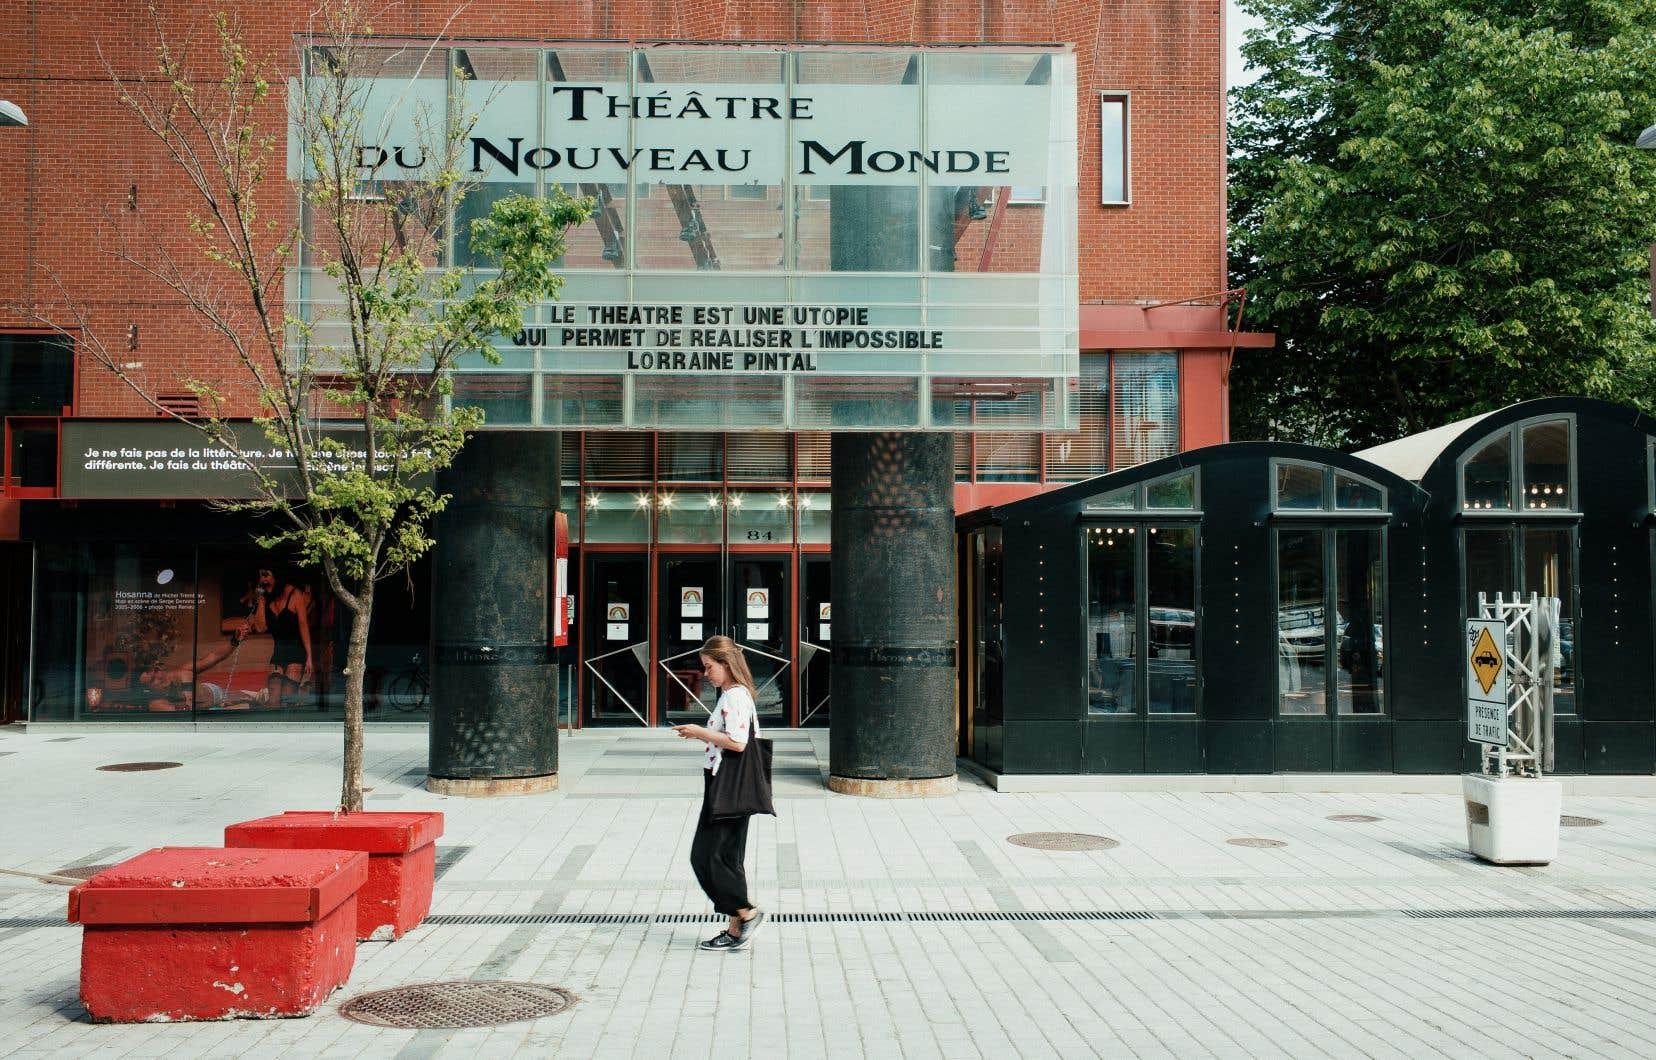 Le TNM s'allie à l'Orchestre métropolitain de Montréal pour donner en octobre deux spectacles musicaux dirigés par Yannick Nézet-Séguin.